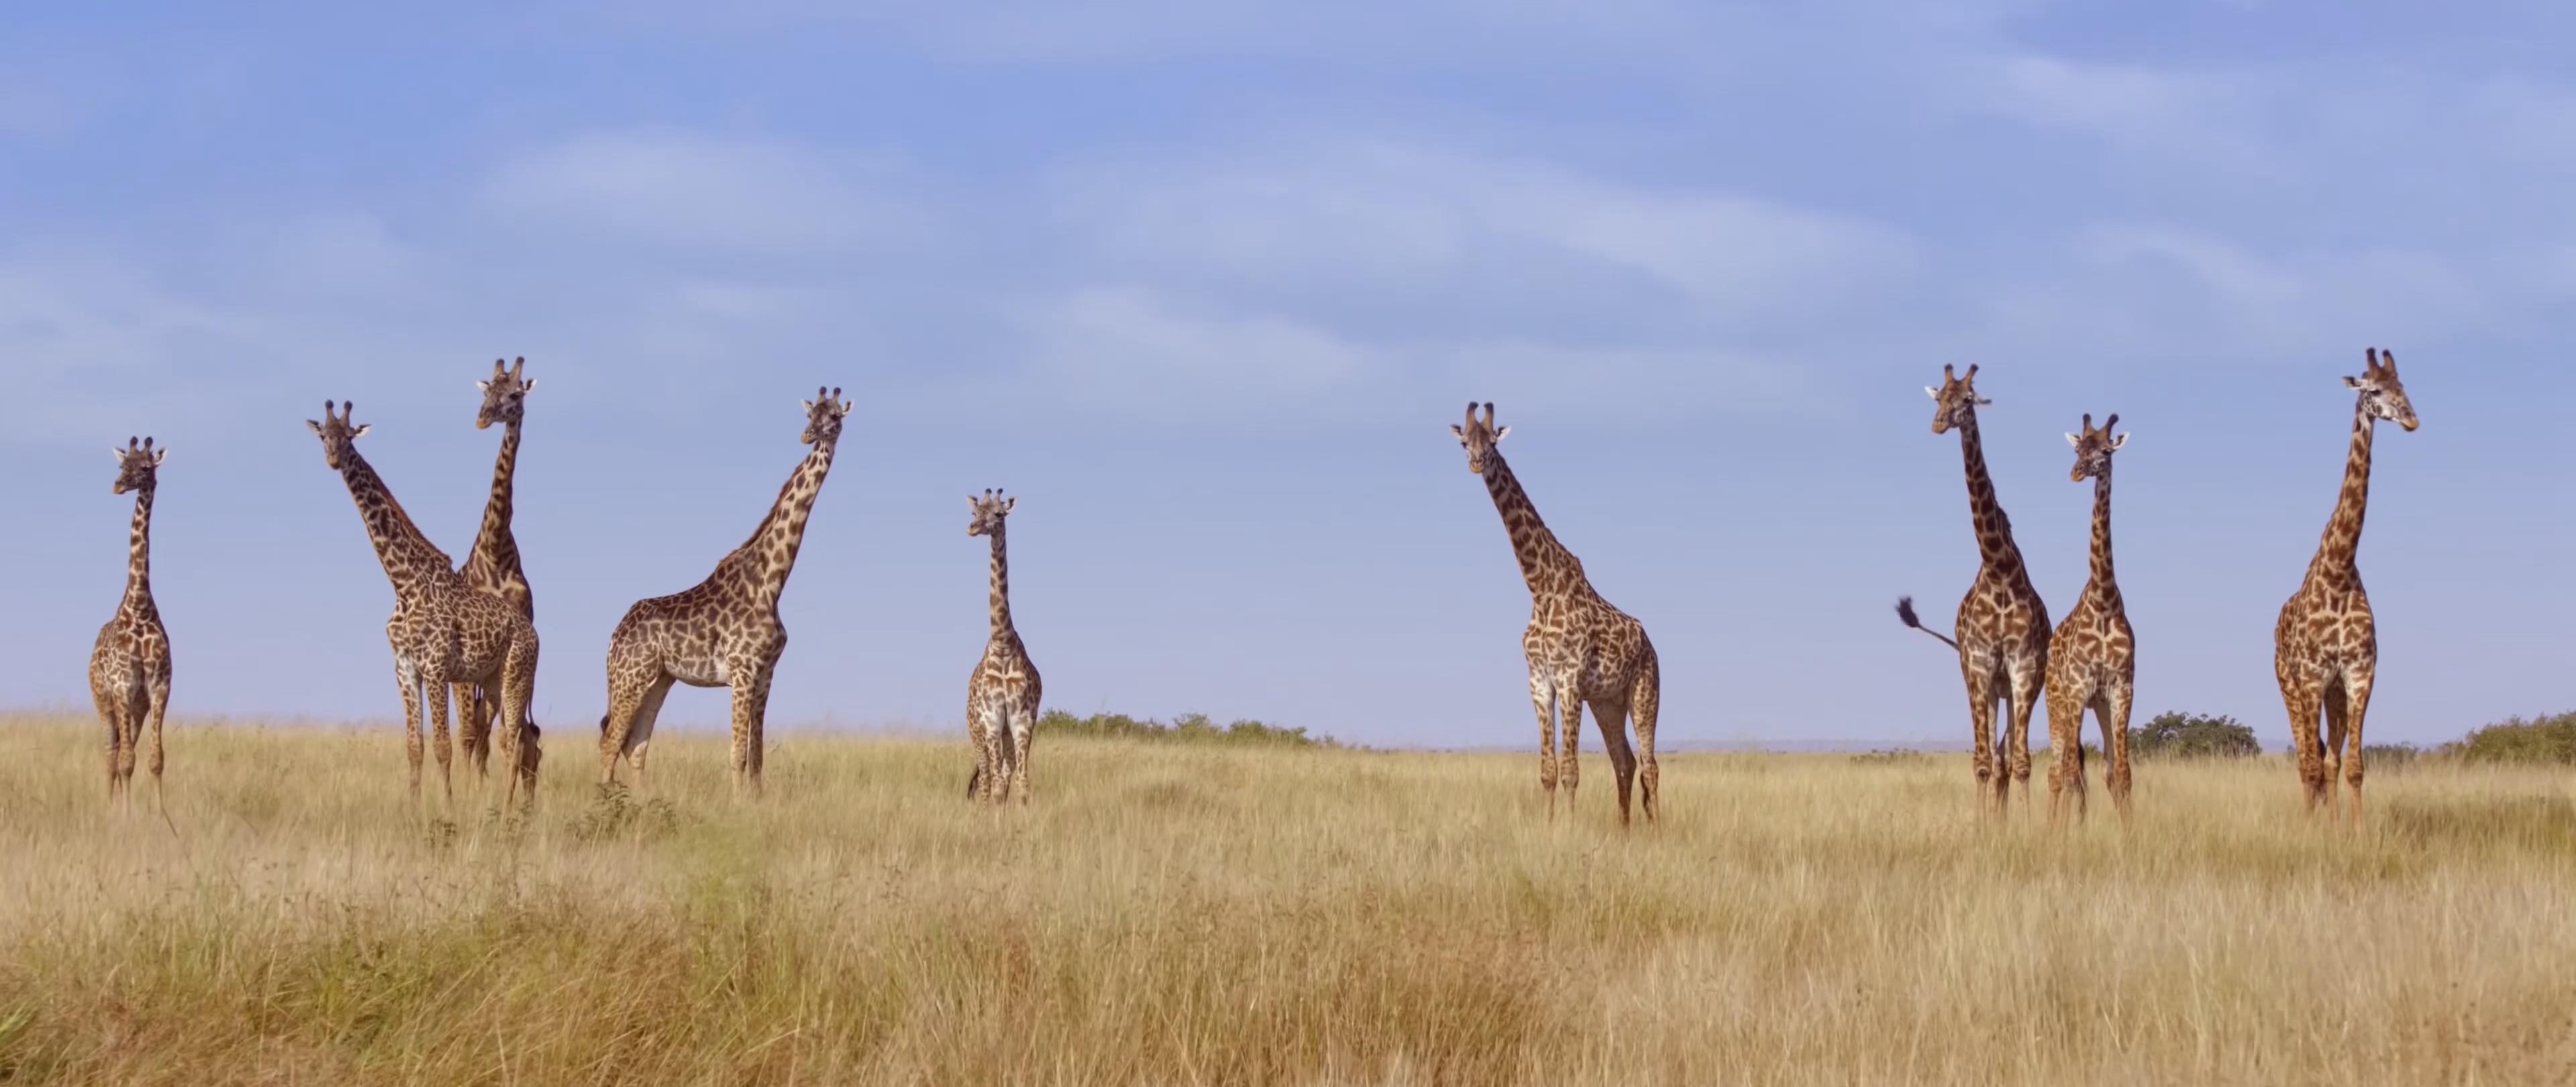 自然 日出 日落 羚羊 河马 狮子 森林 雨林 火烈鸟 沼泽 湿地 大象 长颈鹿 树 斑马 草原 角马 非洲 平原 鳄鱼